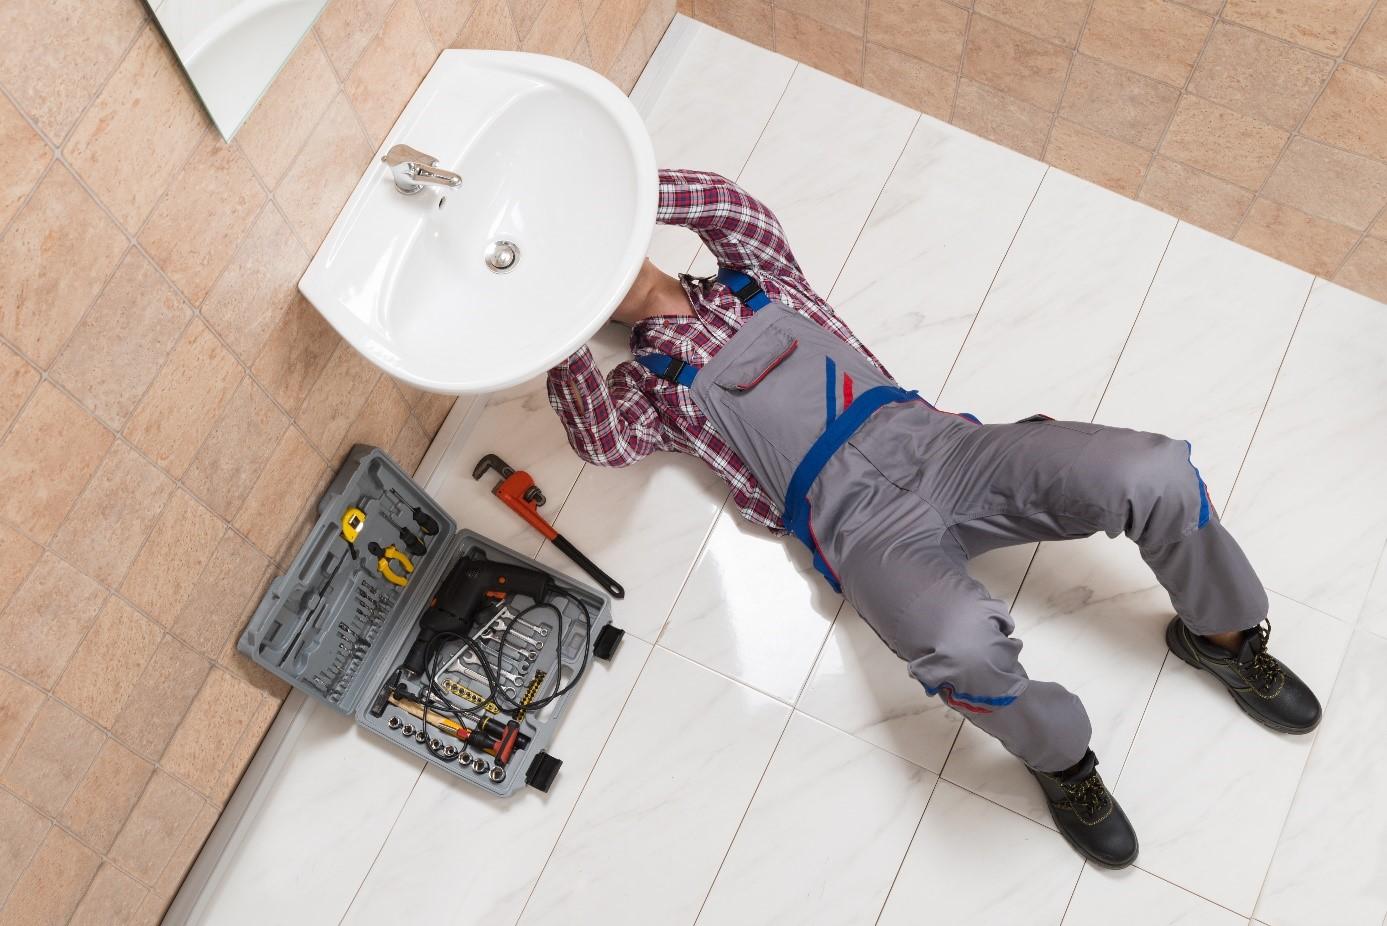 Badkamer Lekkage Verzekering : Het verzekeren van je badkamer nieuws startpagina voor badkamer